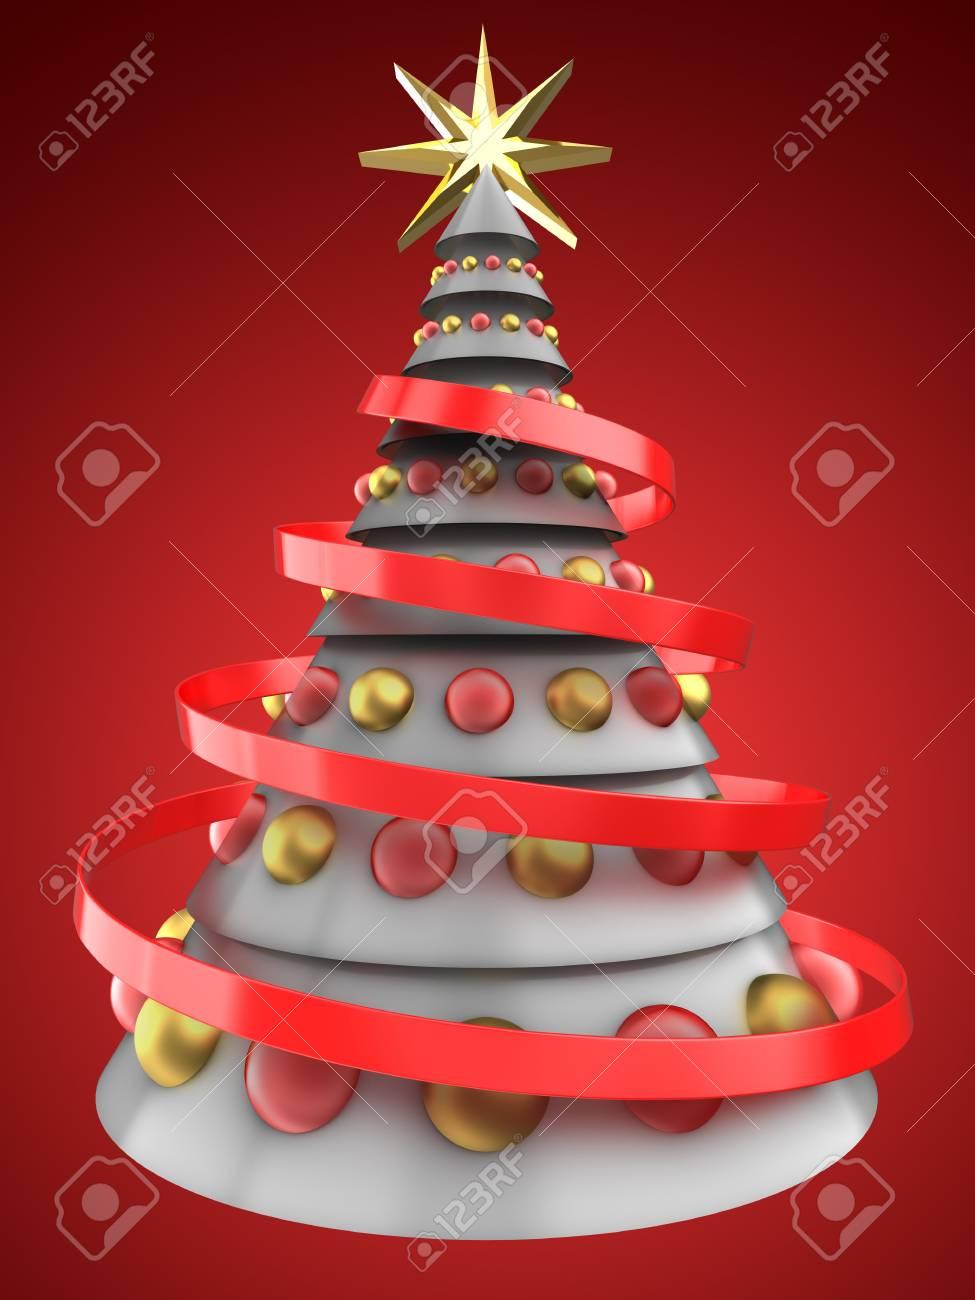 Albero Di Natale Bianco.Illustrazione 3d Dell Albero Di Natale Bianco Sopra Priorita Bassa Rossa Con Le Sfere Di Vetro